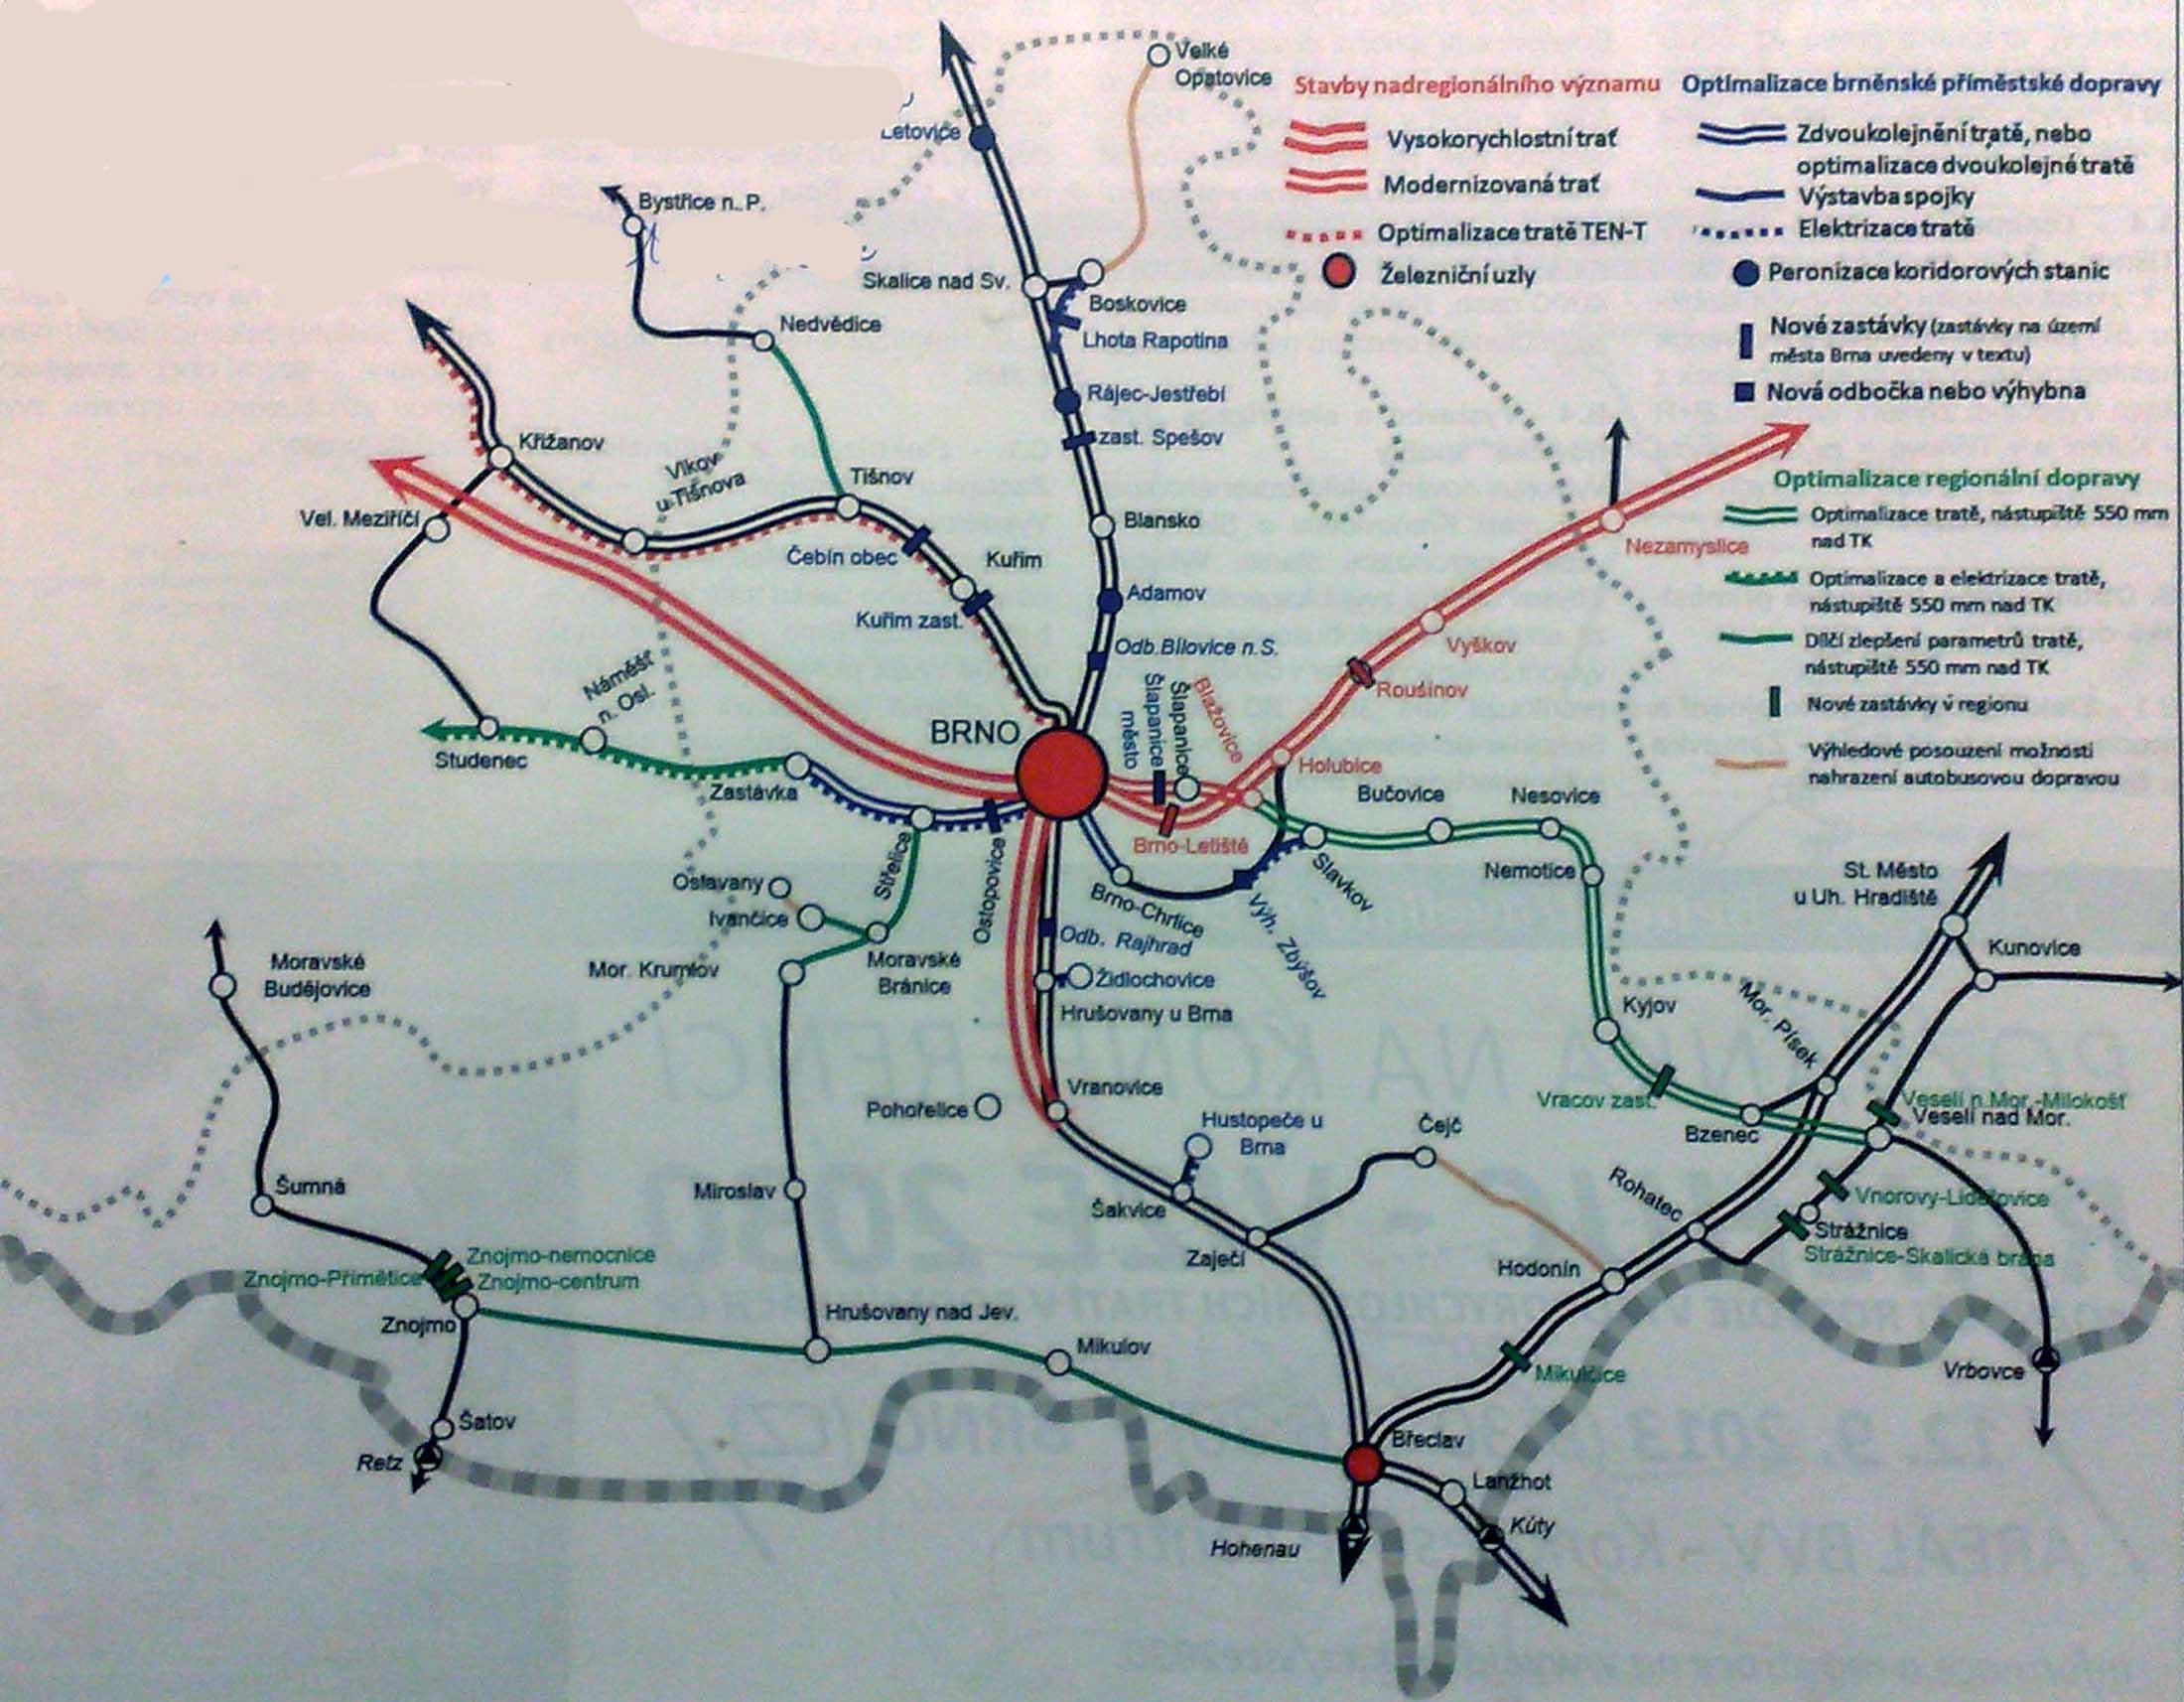 Schéma nových, rekonstruovaných, zrušených a VRT tratí v JM kraji